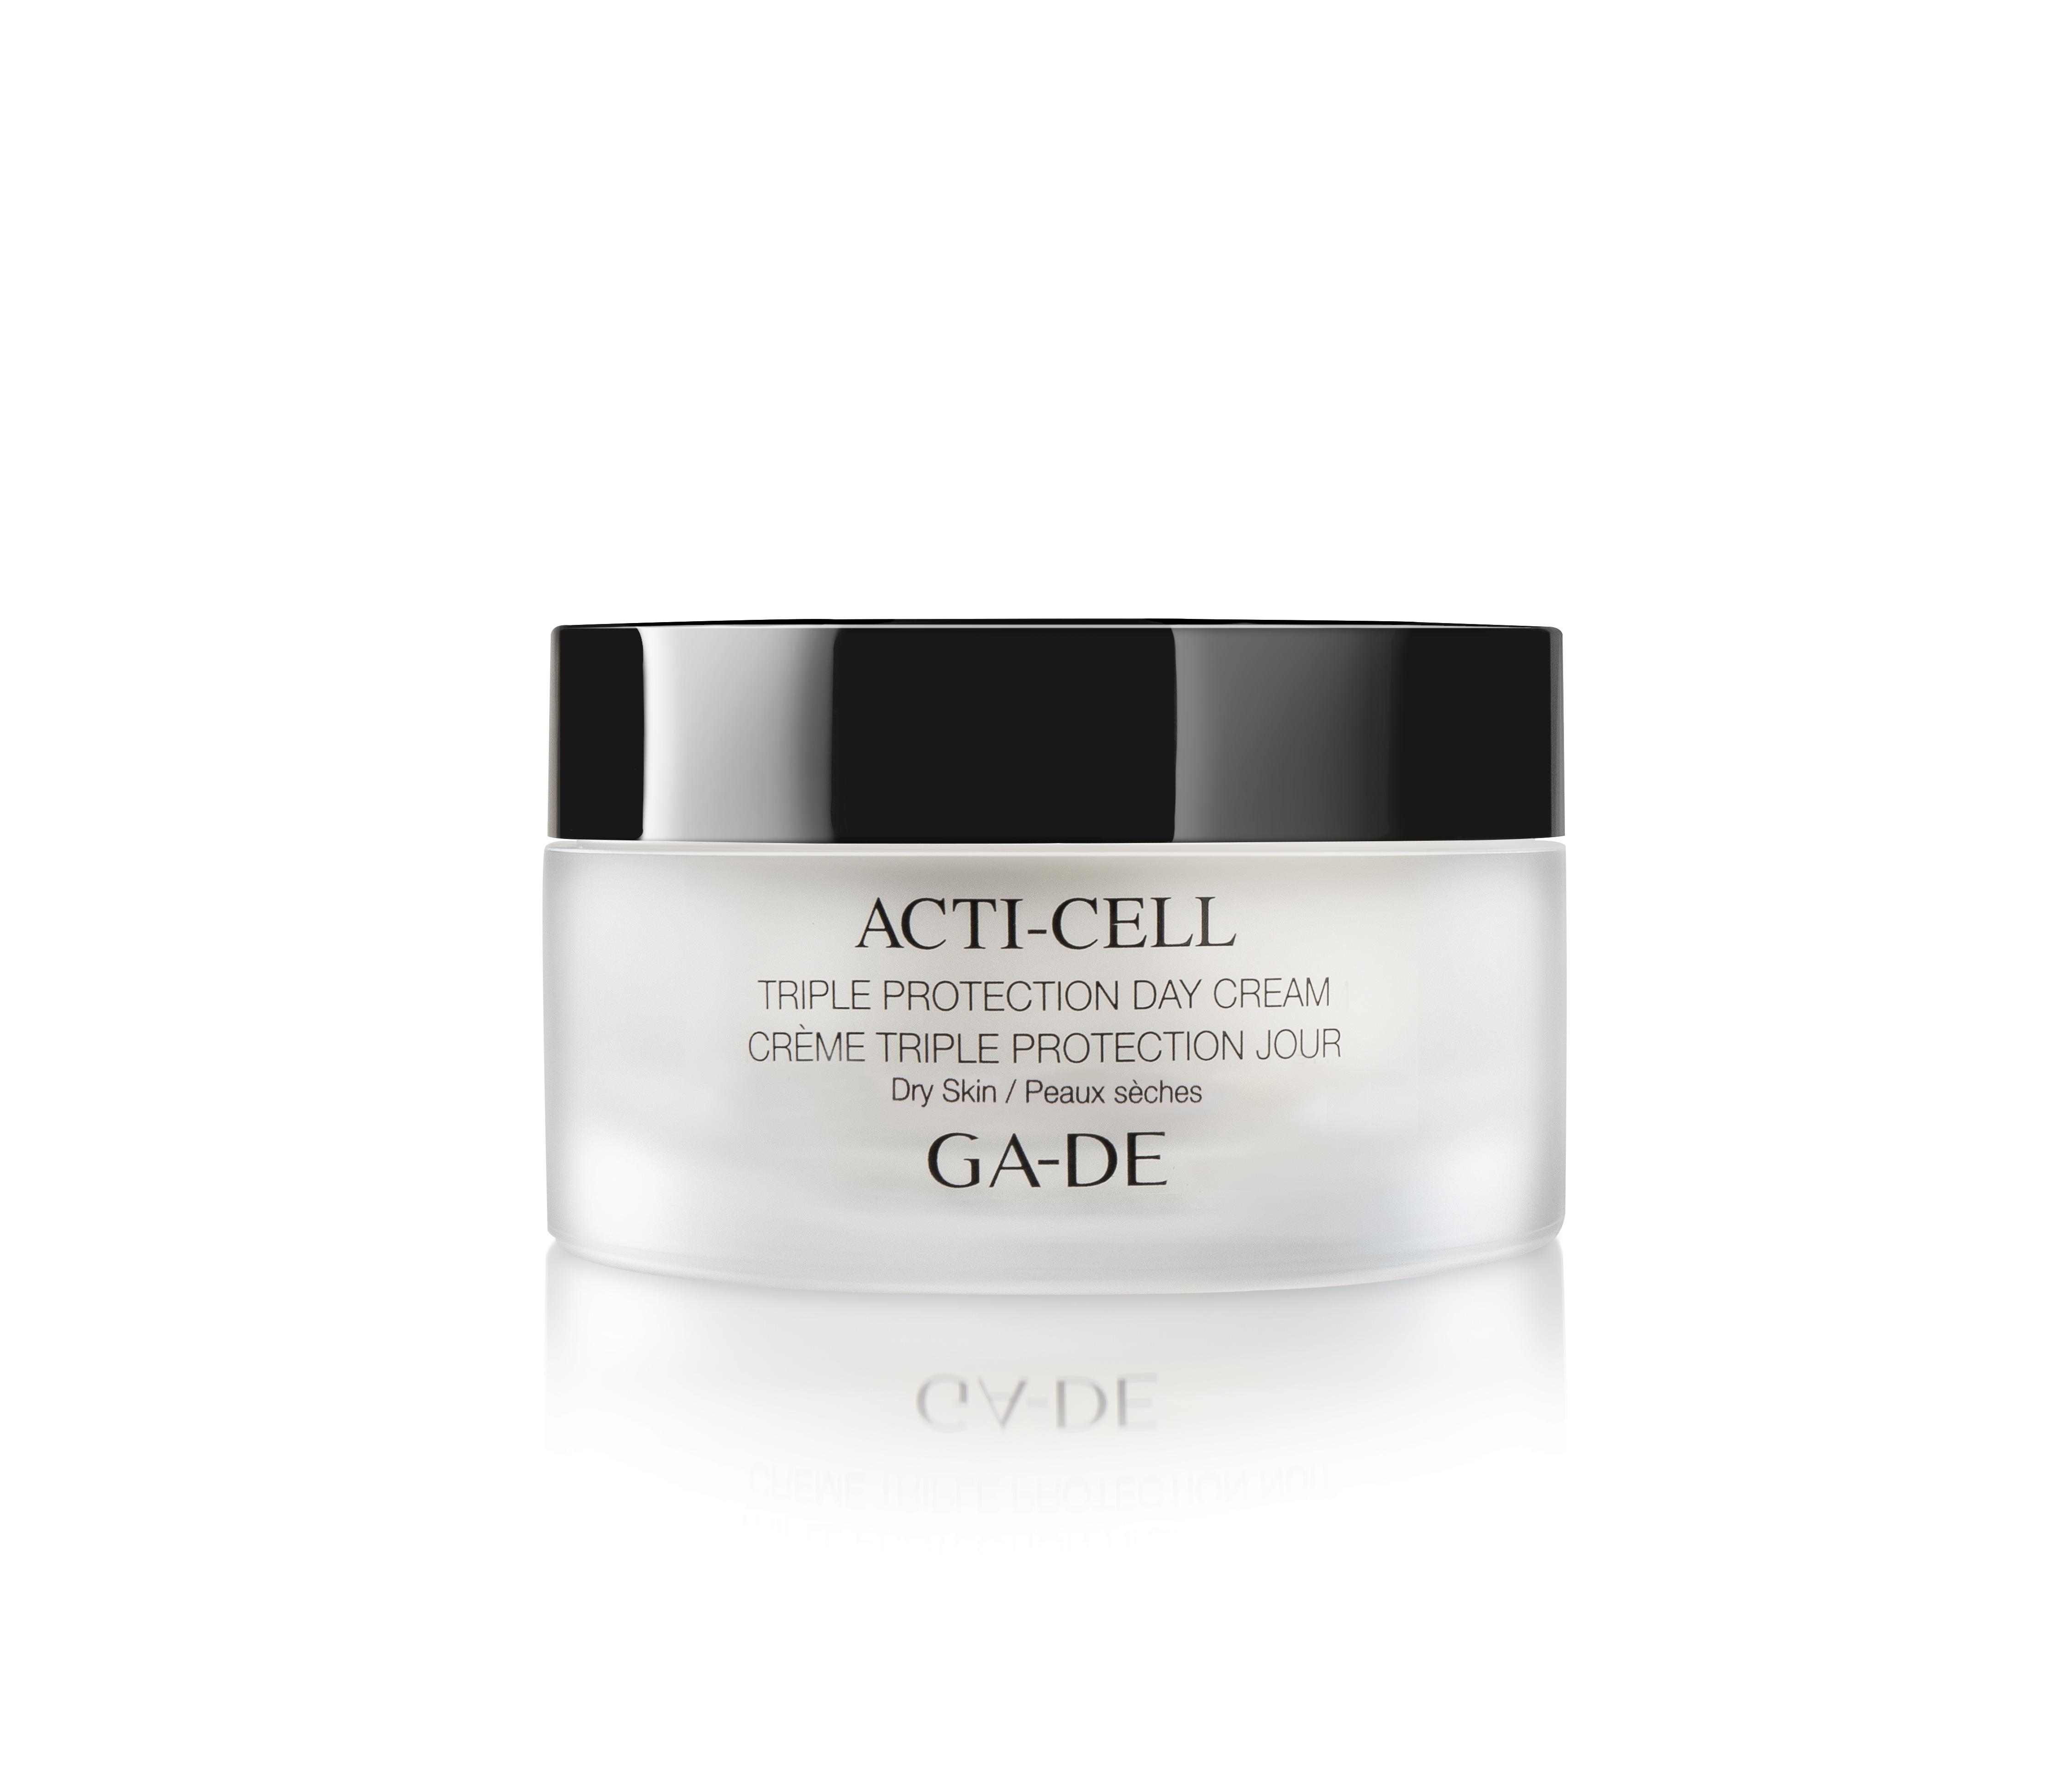 """Дневной крем для сухой кожи тройная защита - """"Acti-Cell"""" Triple Protection Day Cream"""